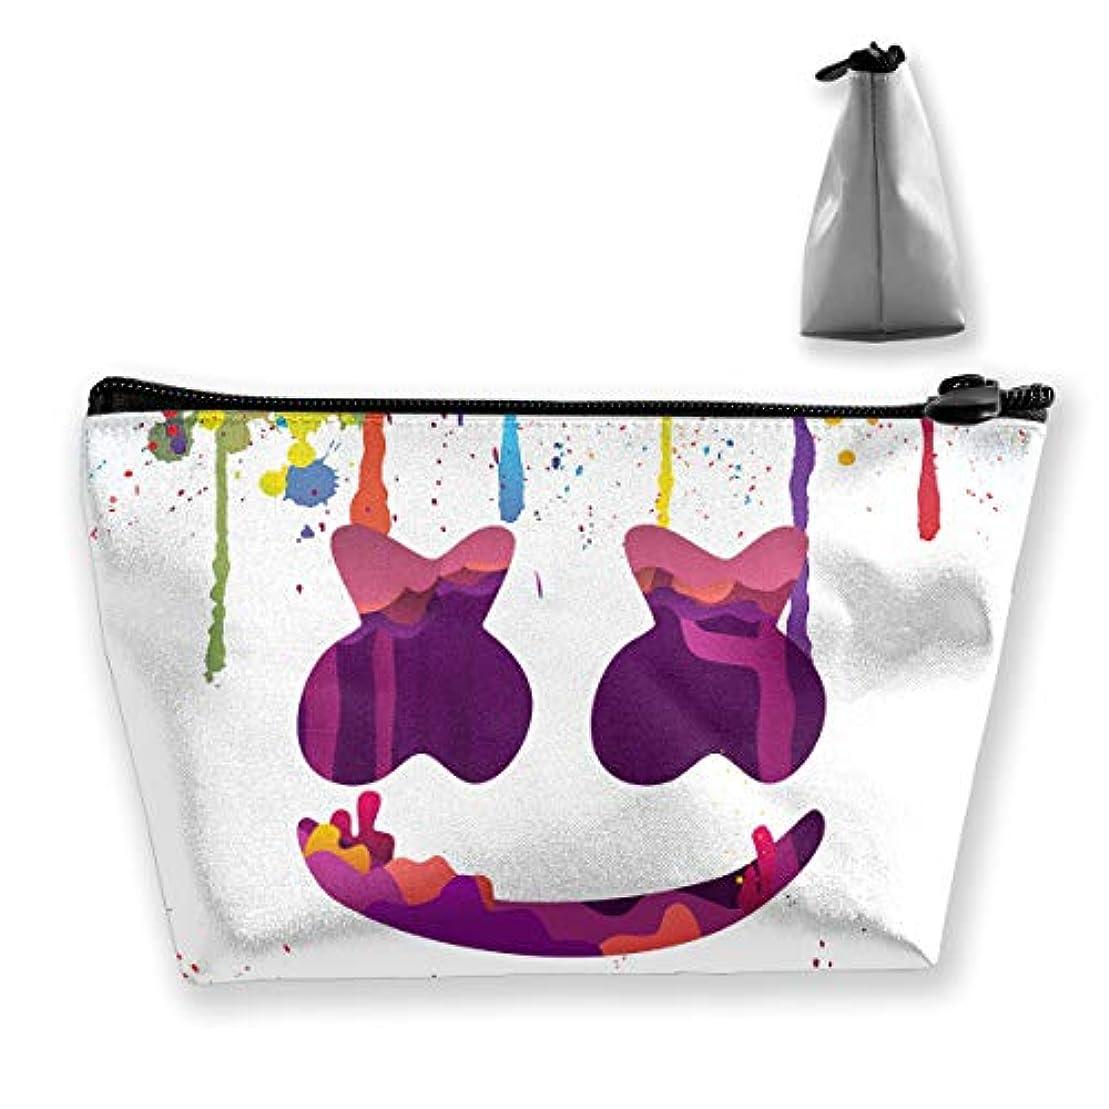 雨に対処する電気技師Marshmello 台形 化粧ポーチ メイクポーチ コスメポーチ 化粧品収納 軽い 防水 便利 小物入れ 携帯便利 多機能 バッグ